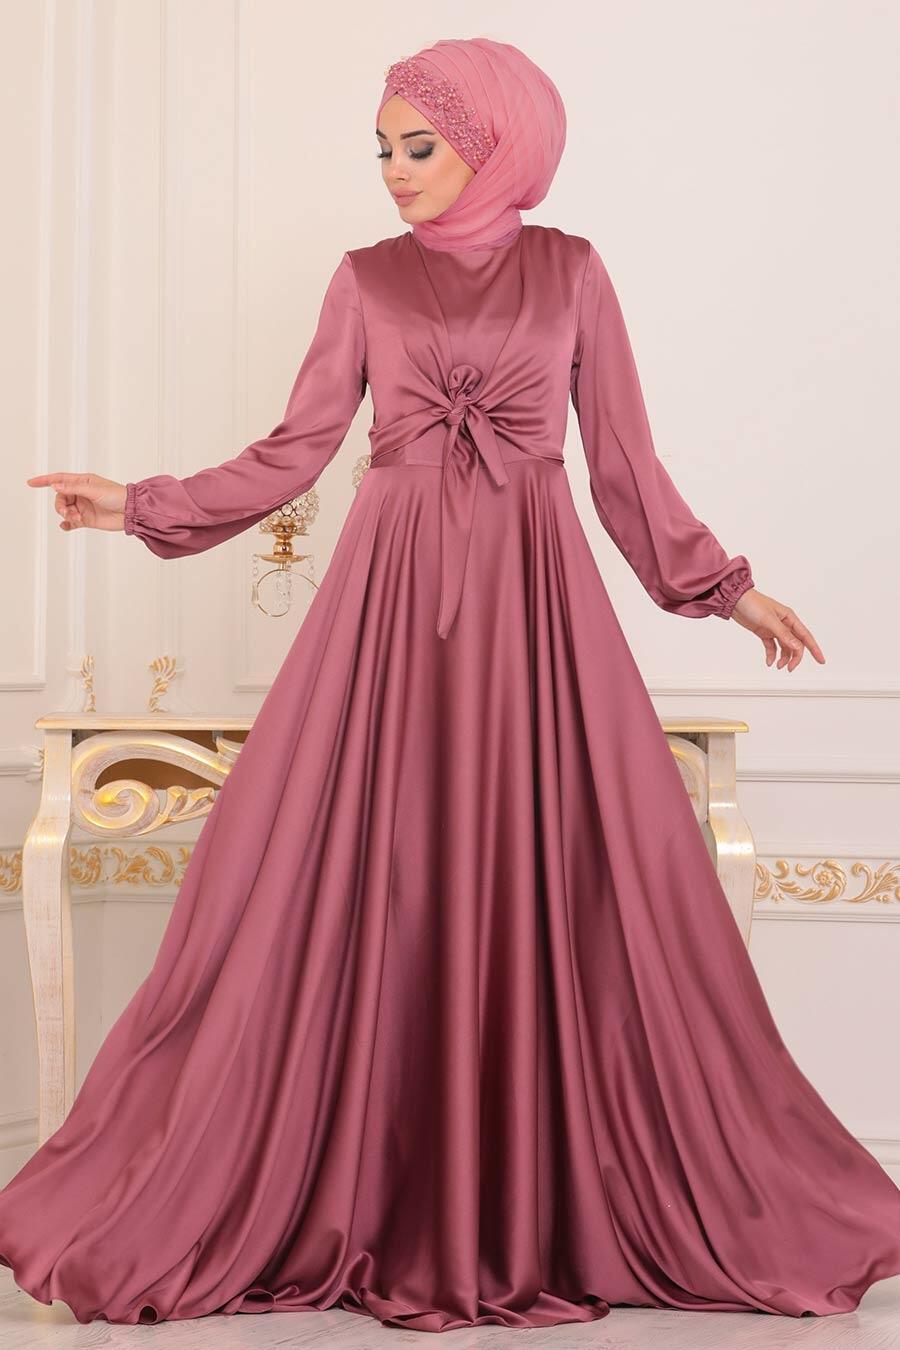 Tesettürlü Abiye Elbise - Krep Saten Gül Kurusu Tesettür Abiye Elbise 14251GK